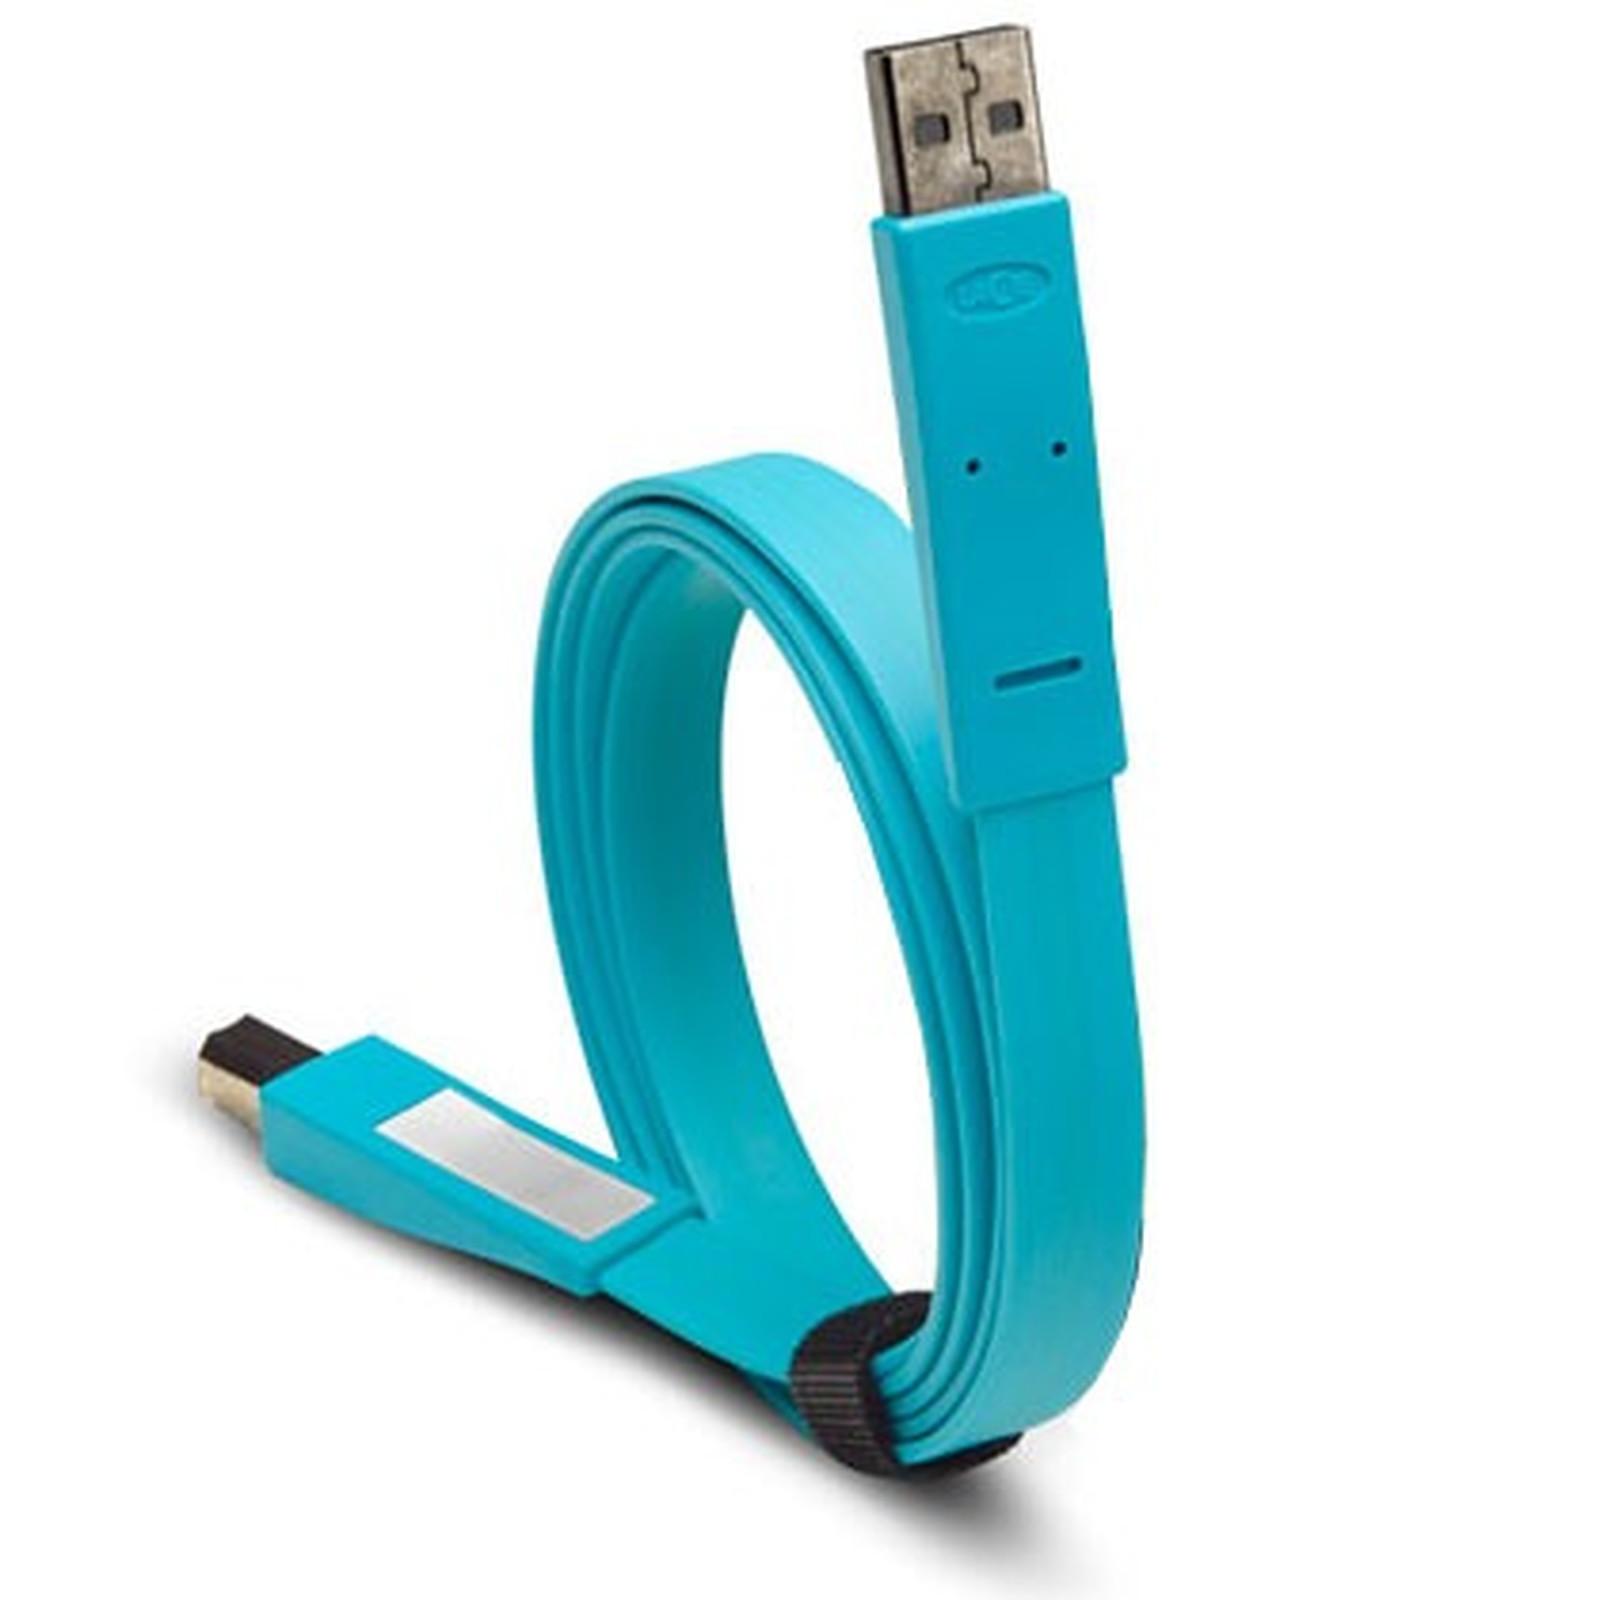 LaCie Flat Cable - Câble USB plat pour périphérique mini USB